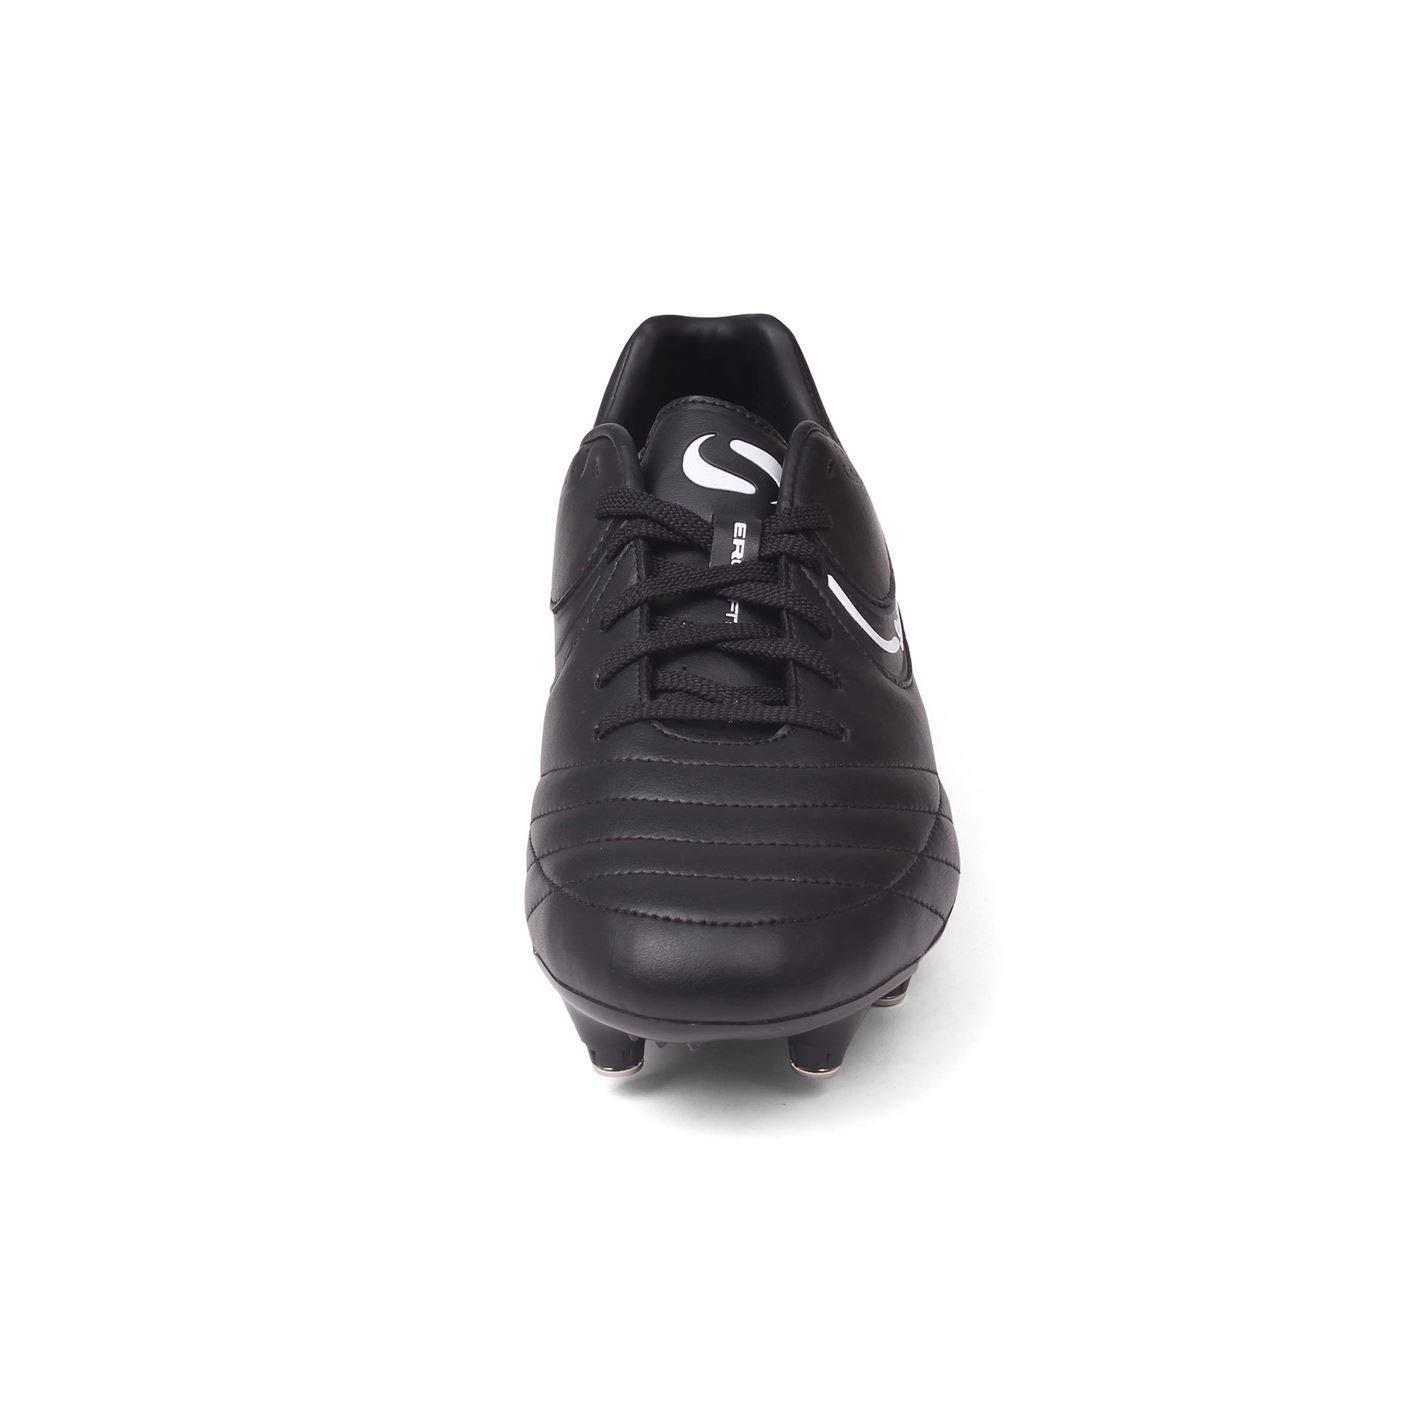 Official Sondico Strike II Sg Weichgrund Fußballschuhe Herren Schwarz Fußball Schuhe Schuhe Fußball Stollenschuhe 47c871